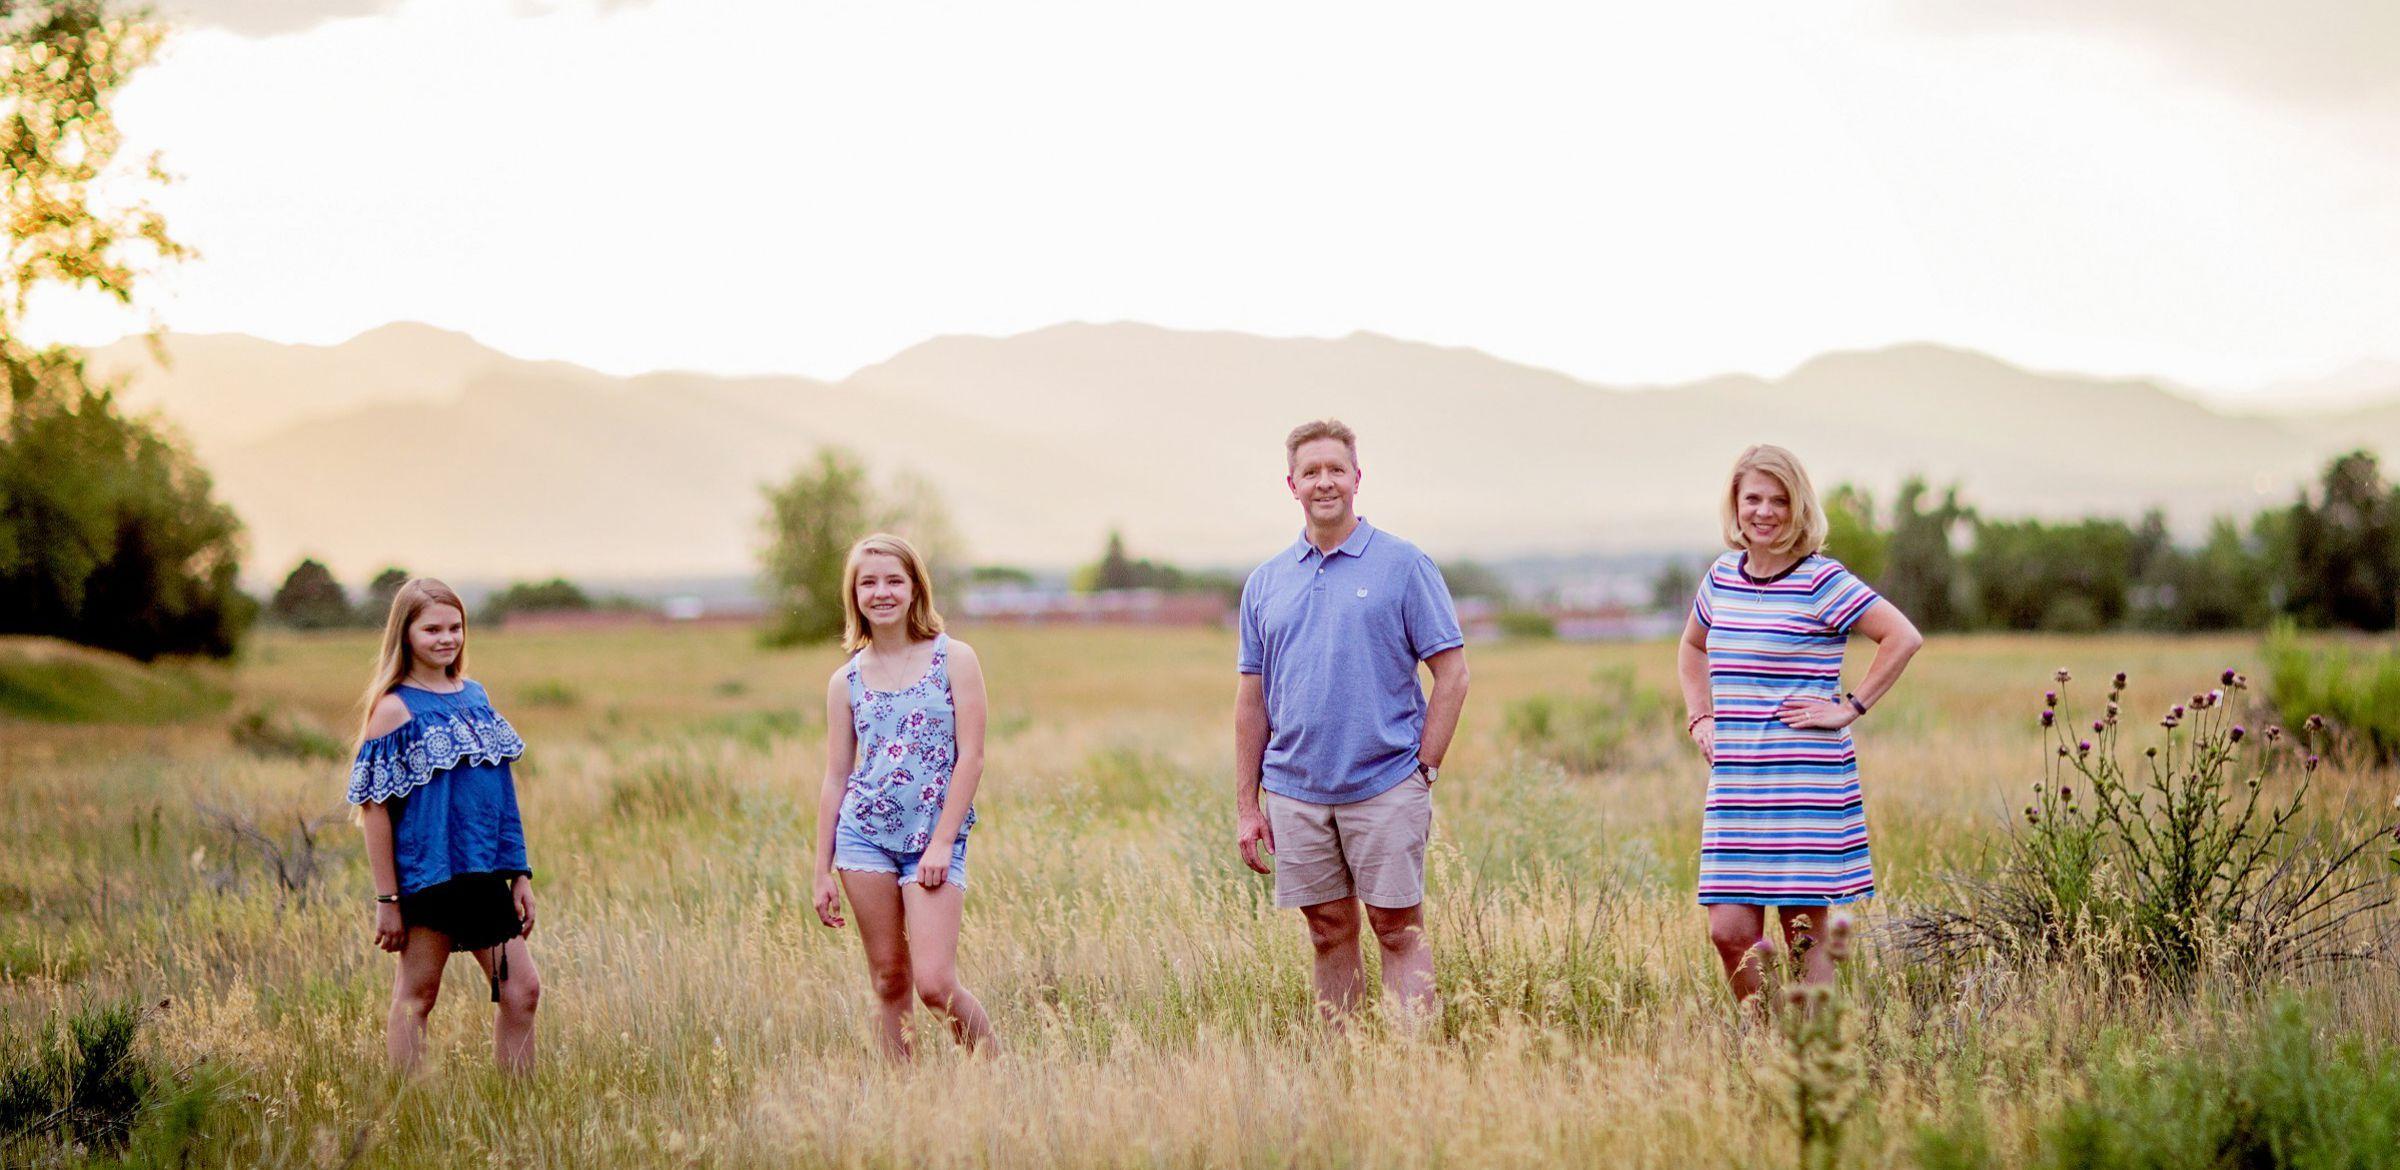 Denver Family Photography-2.jpg